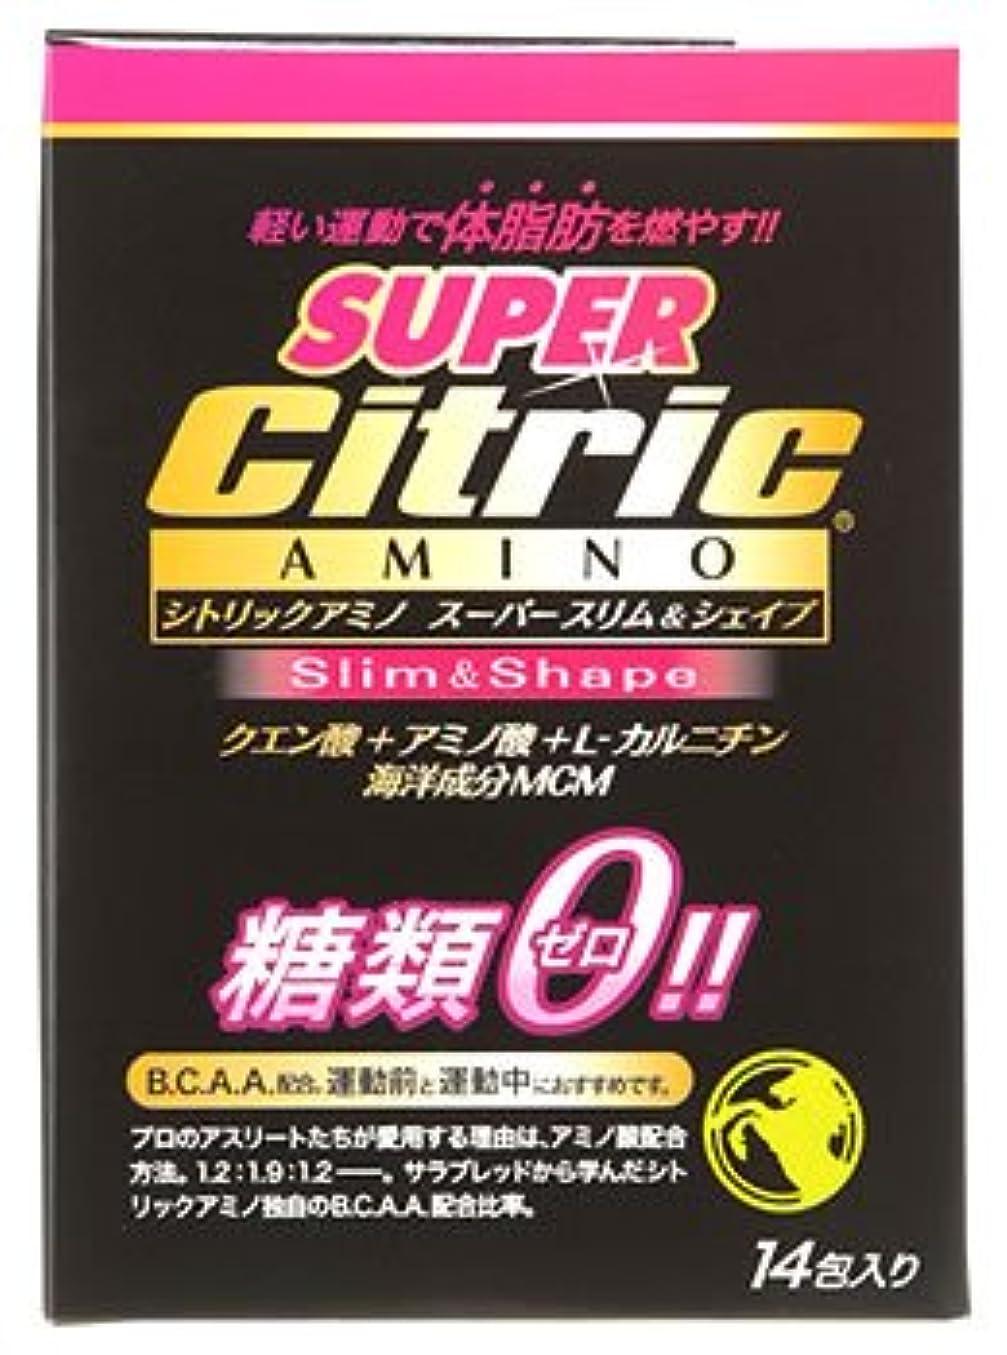 頑張る労苦オープナーメダリスト?ジャパン シトリックアミノ スーパースリム&シェイプ JP (6g×14包入) クエン酸 アミノ酸 糖類ゼロ